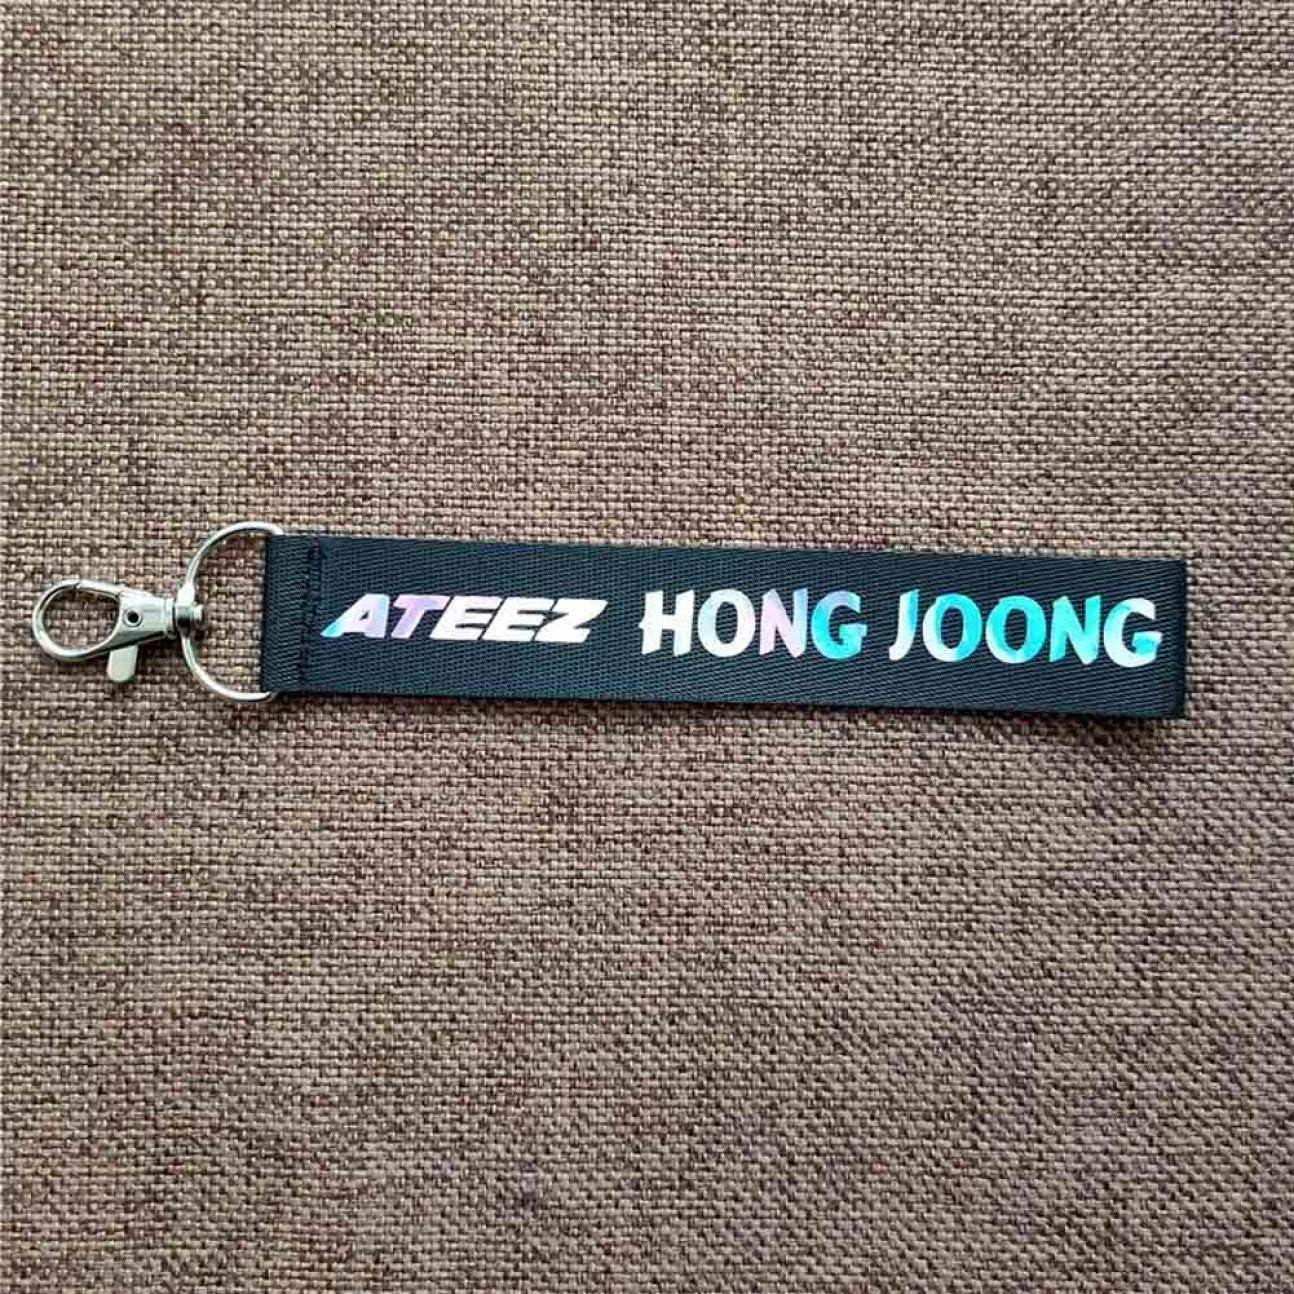 Angshi Elaborate Ateez Laser Lanyard Portachiavi Portachiavi Phone Holder Strap Seong Hwa Hong Joong Yeo Sang Yun Ho Jong Ho Woo Young Signature Lanyard Hong Joong. Nylon